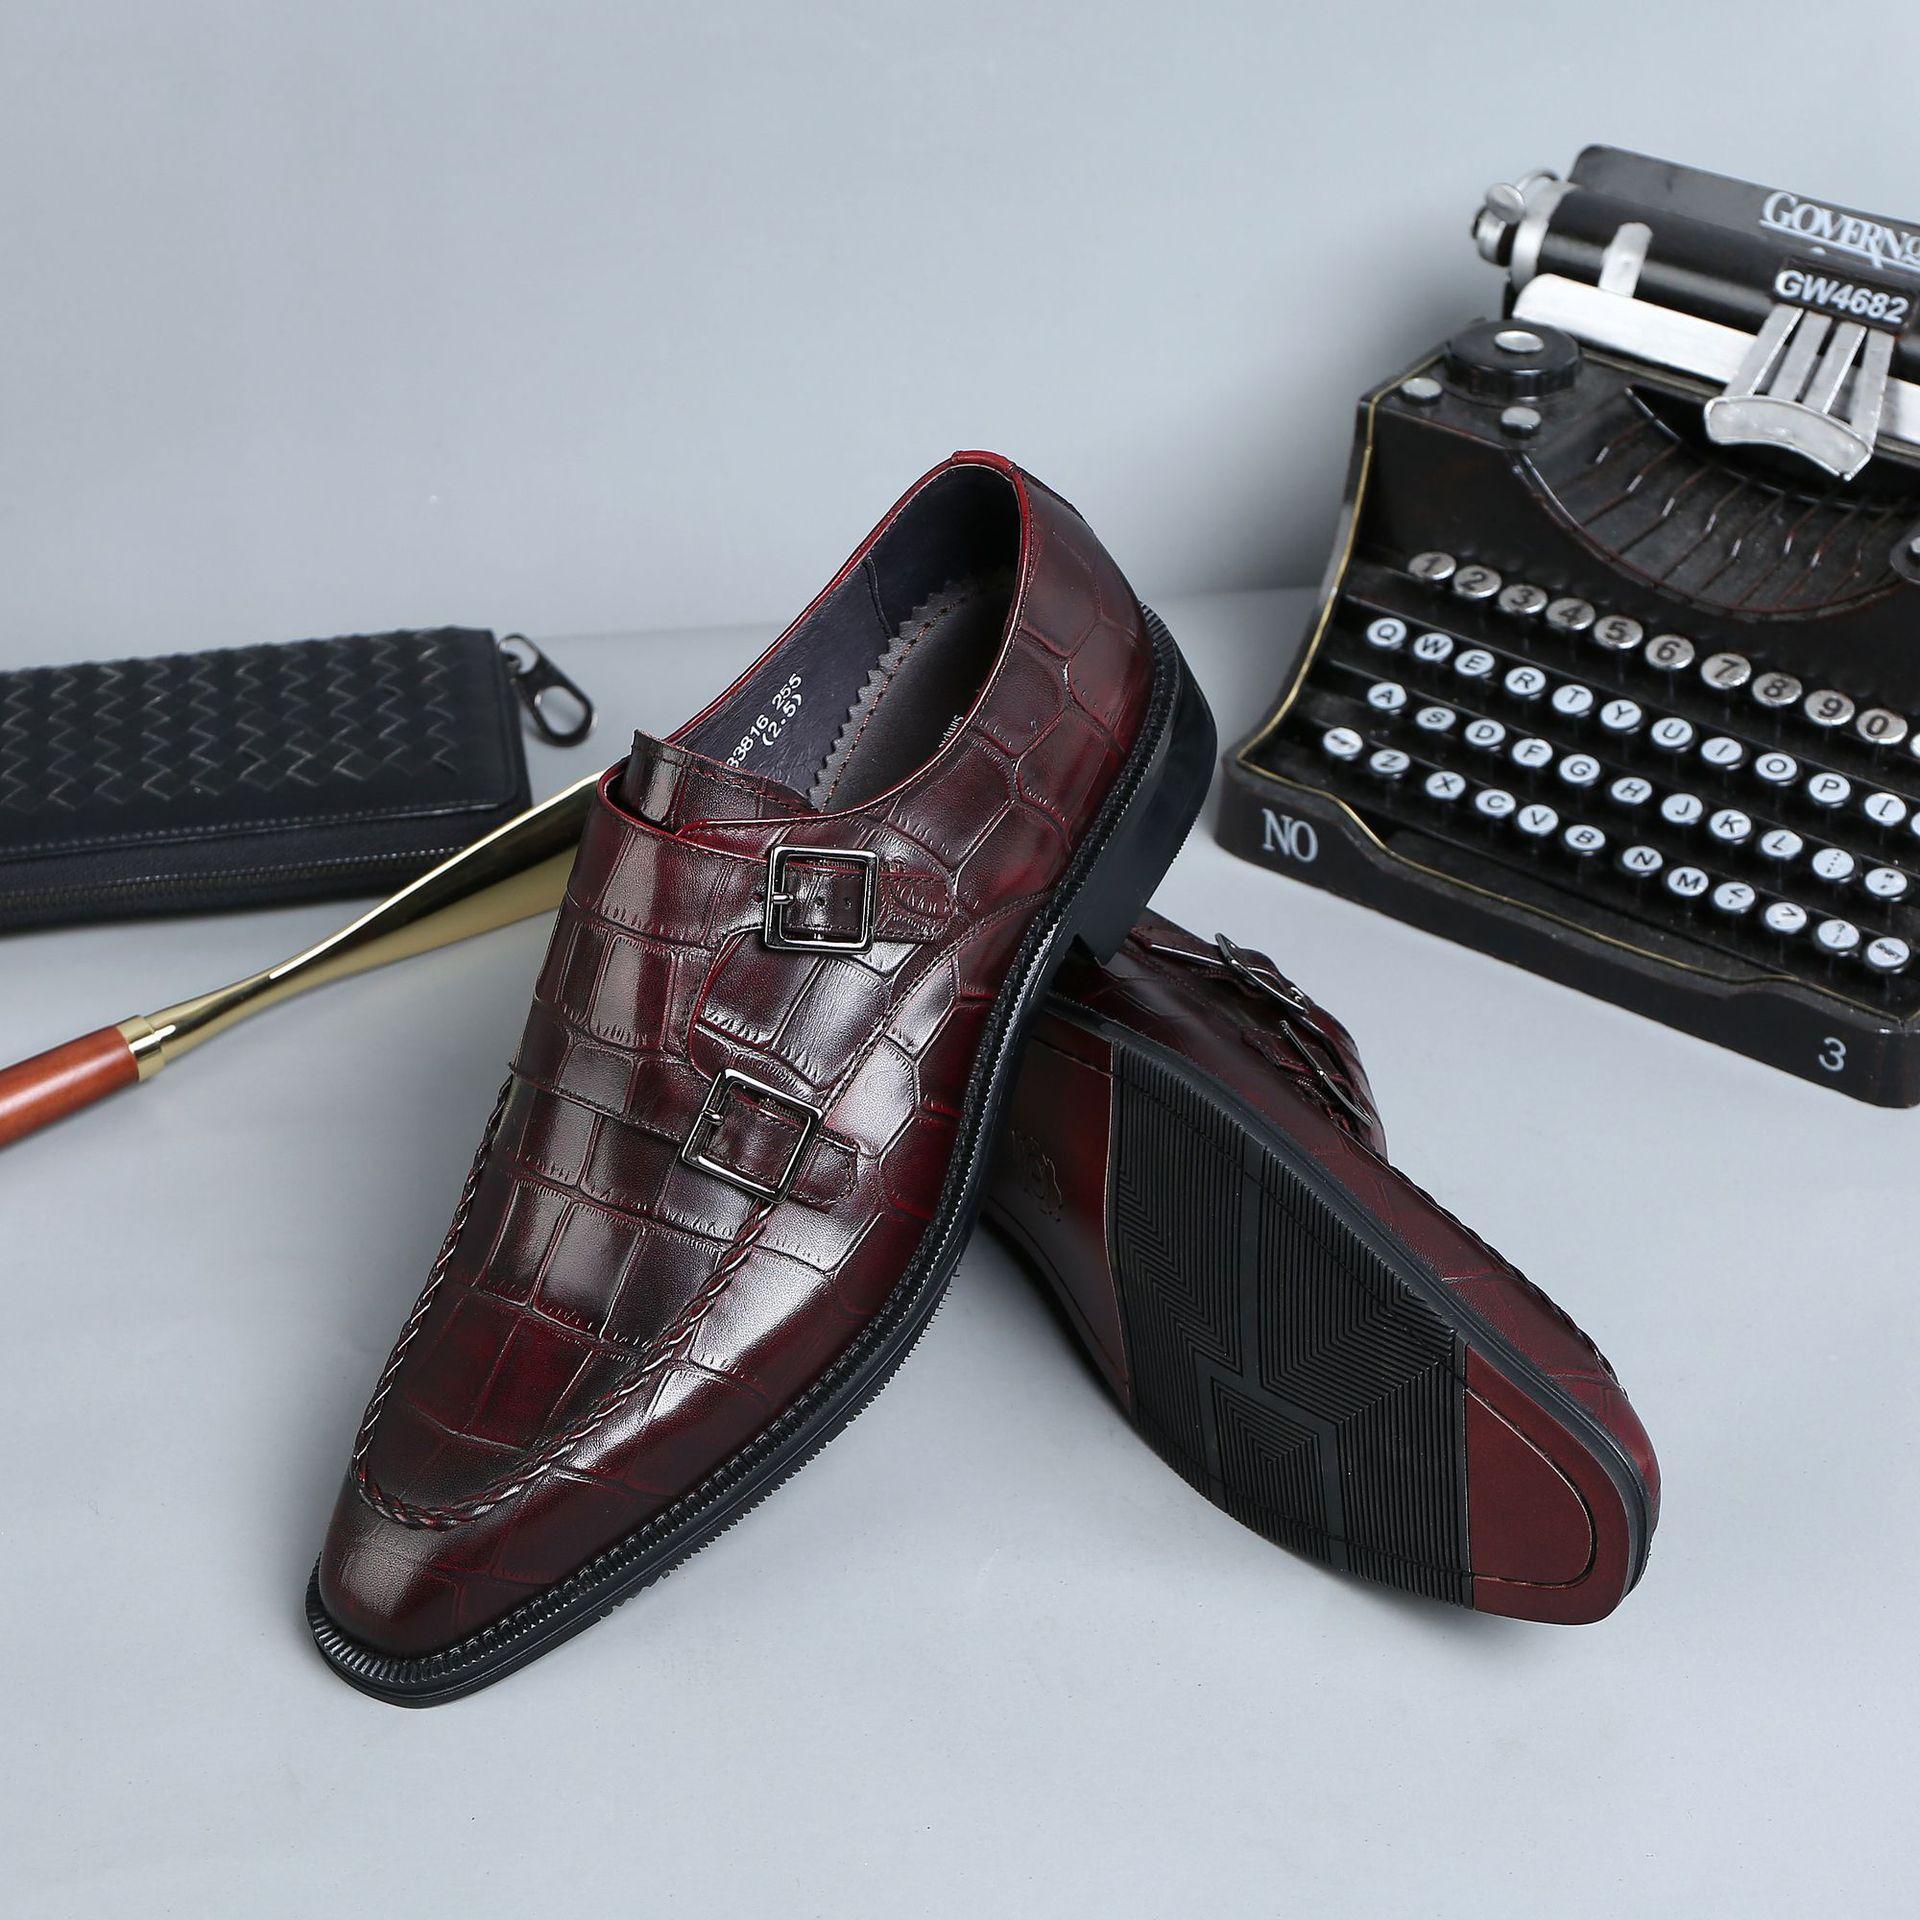 Scarpe in pelle da uomo d'affari abbigliamento formale scarpe in pelle da uomo con fibbia di nozze indossare scarpe pelle bovina